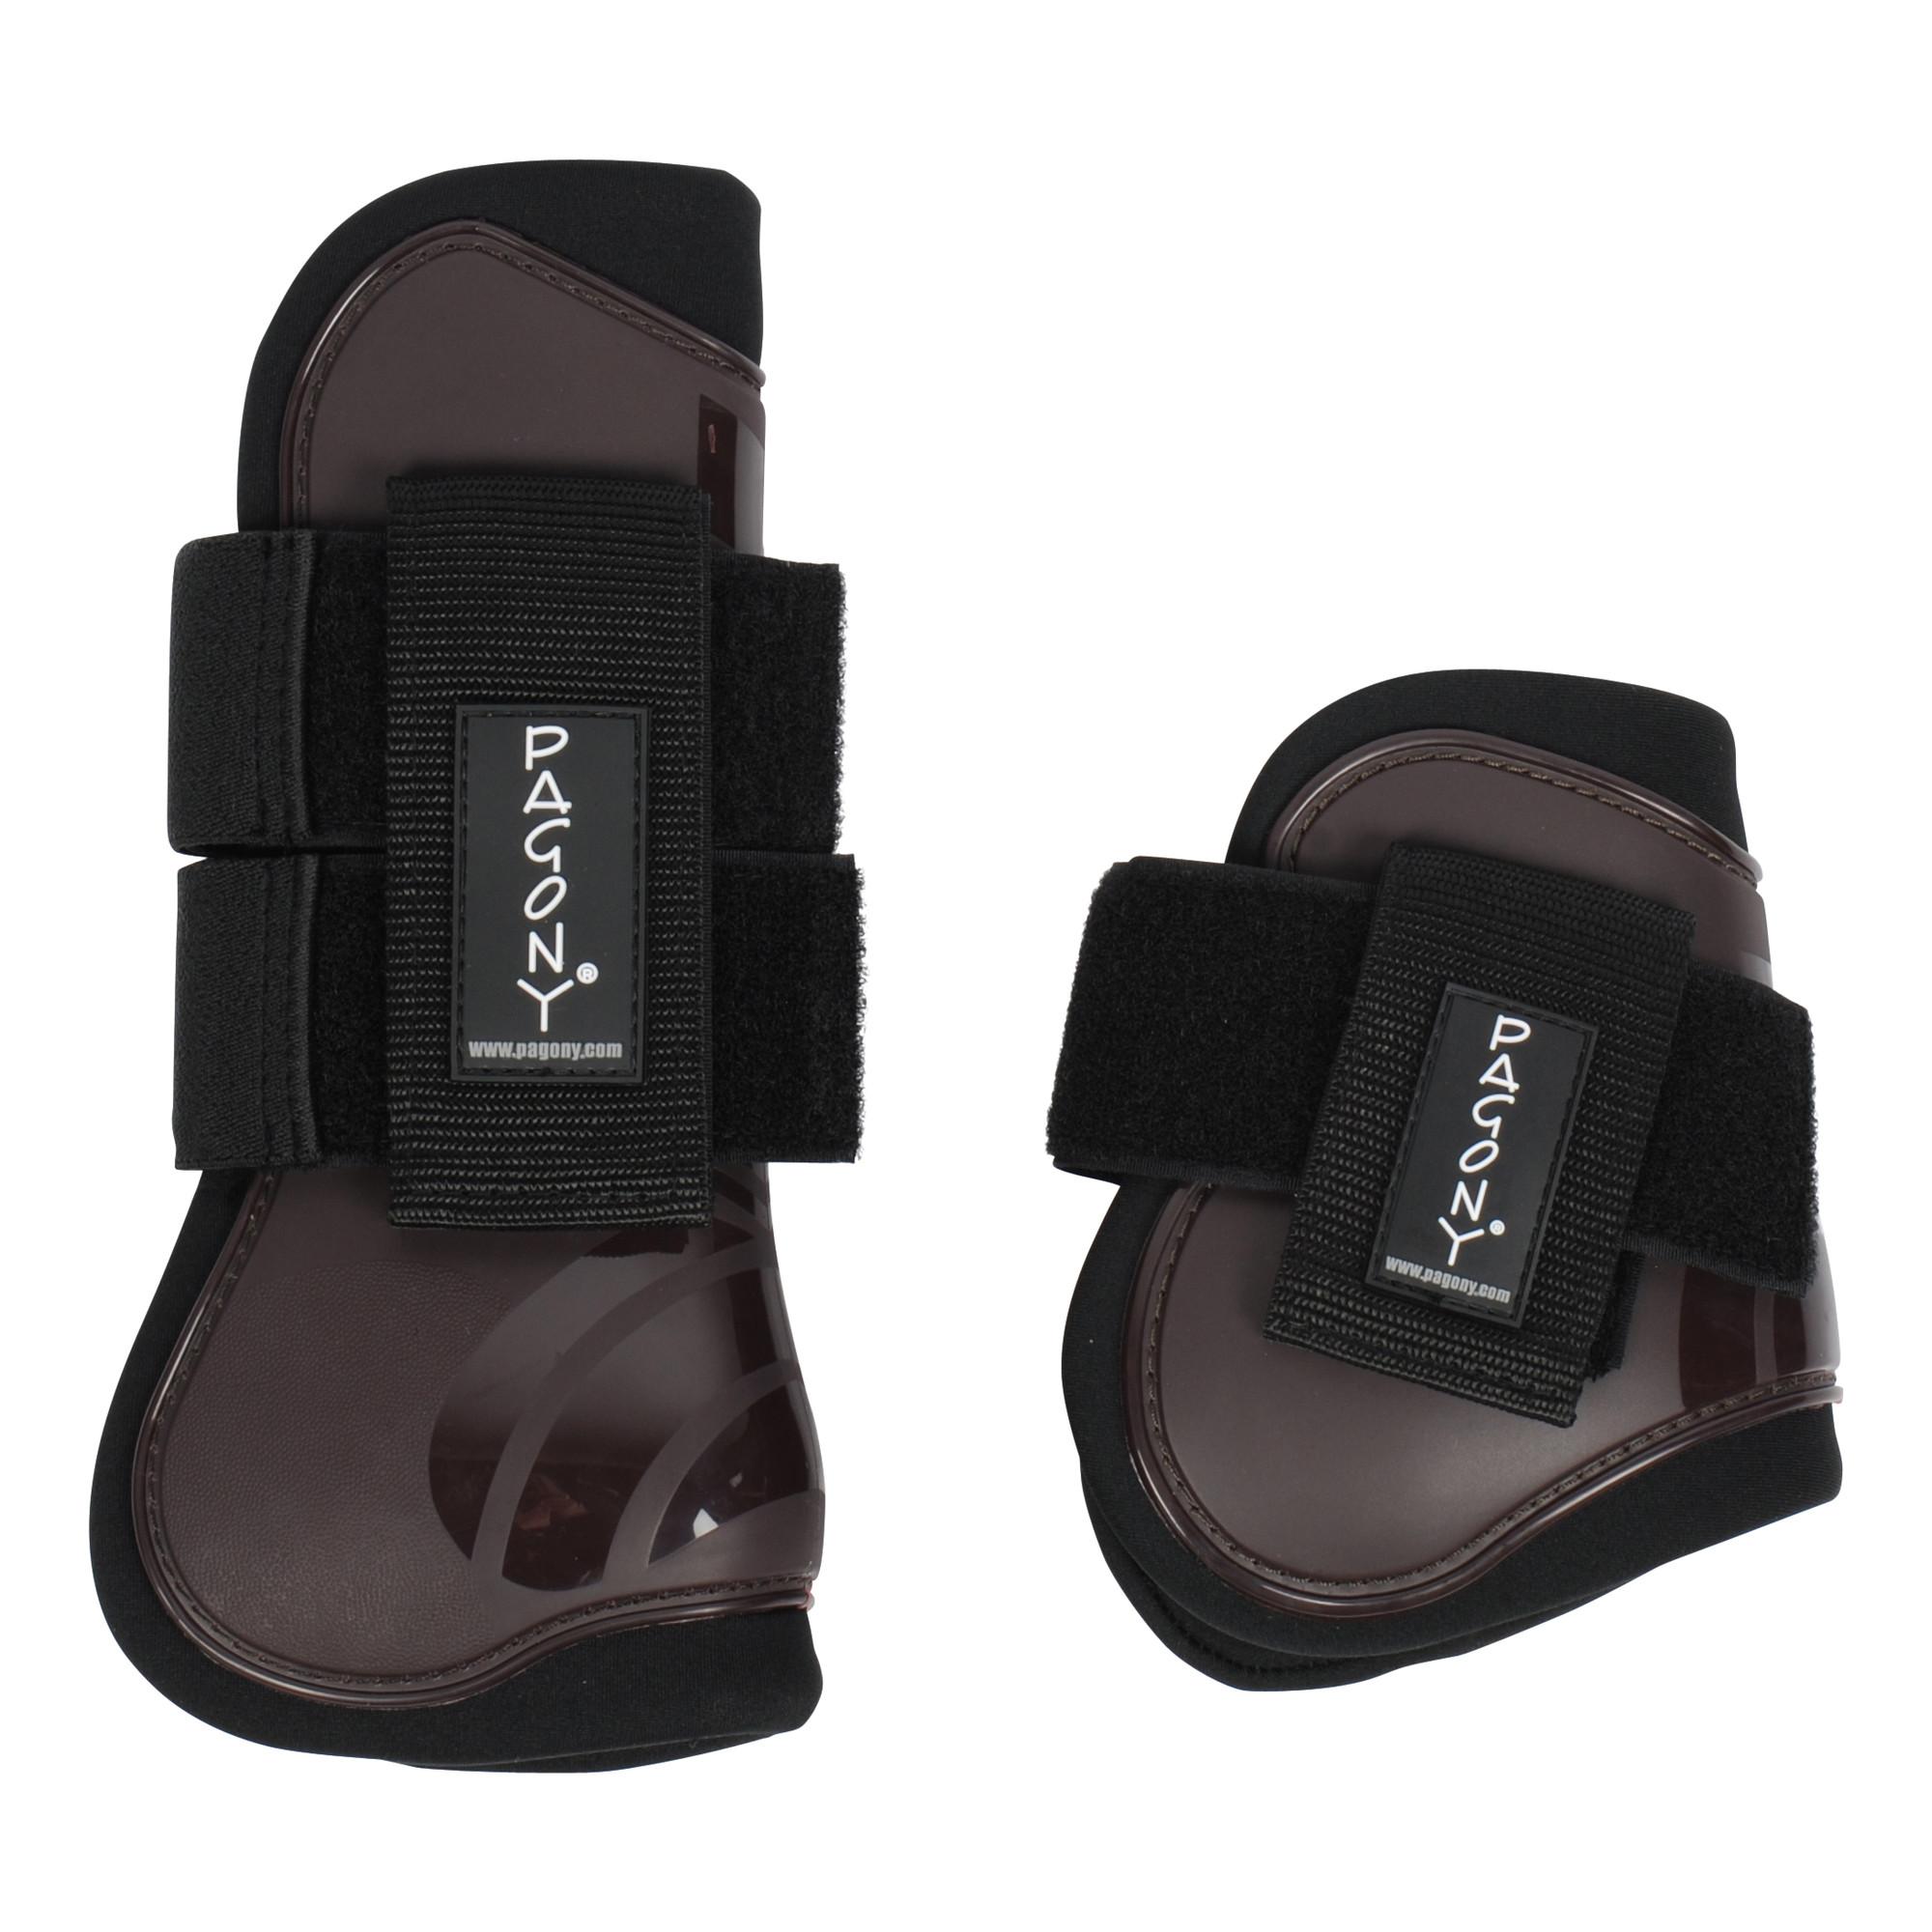 Pagony Pro Velcro Pees- en kogelbeschermerset bruin maat:full